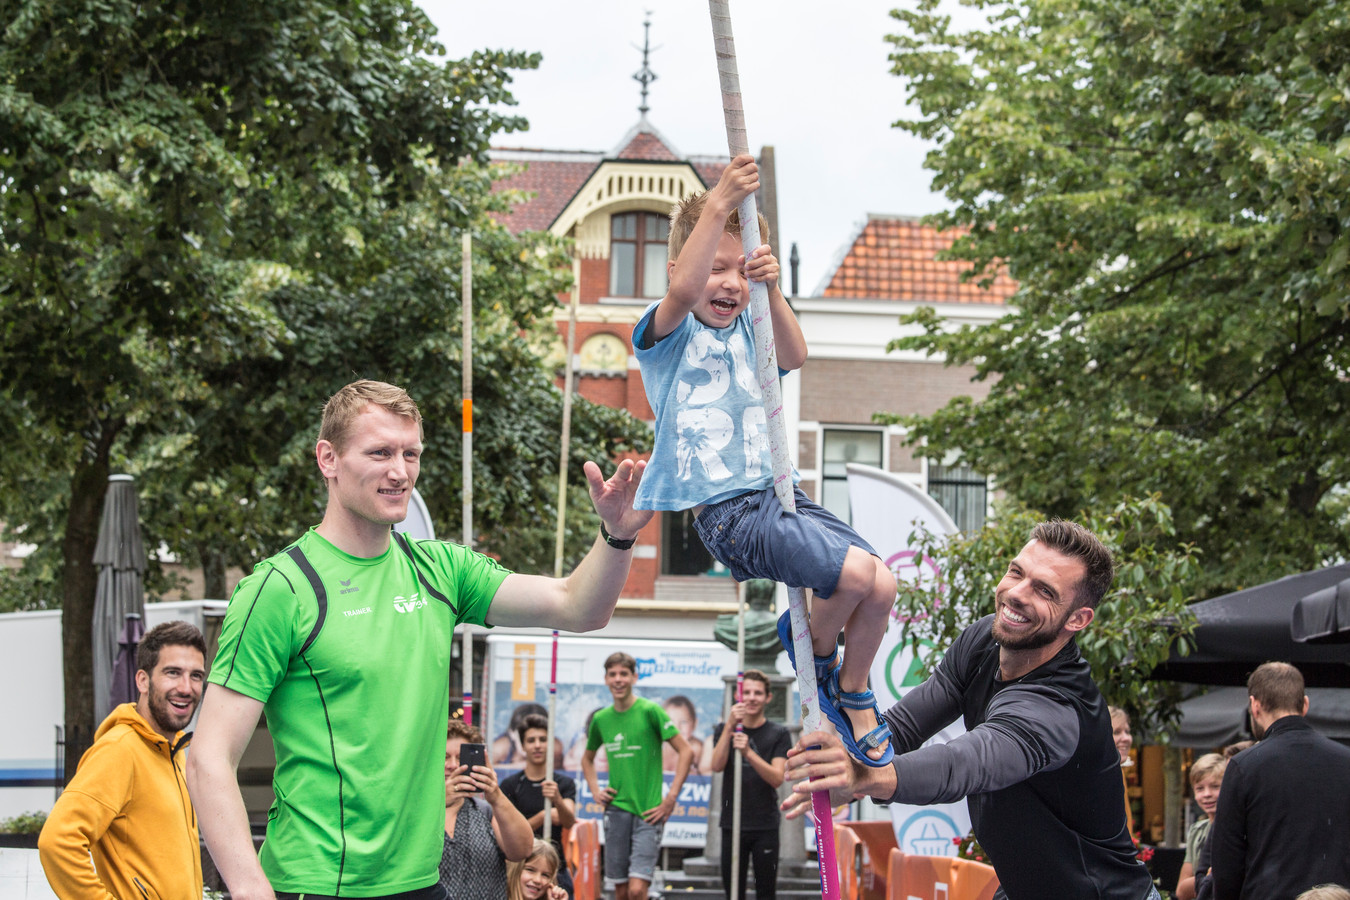 Jongeren hebben veel plezier bij de vorige editie van de Urban Pole Vault Meeting in Apeldoorn.